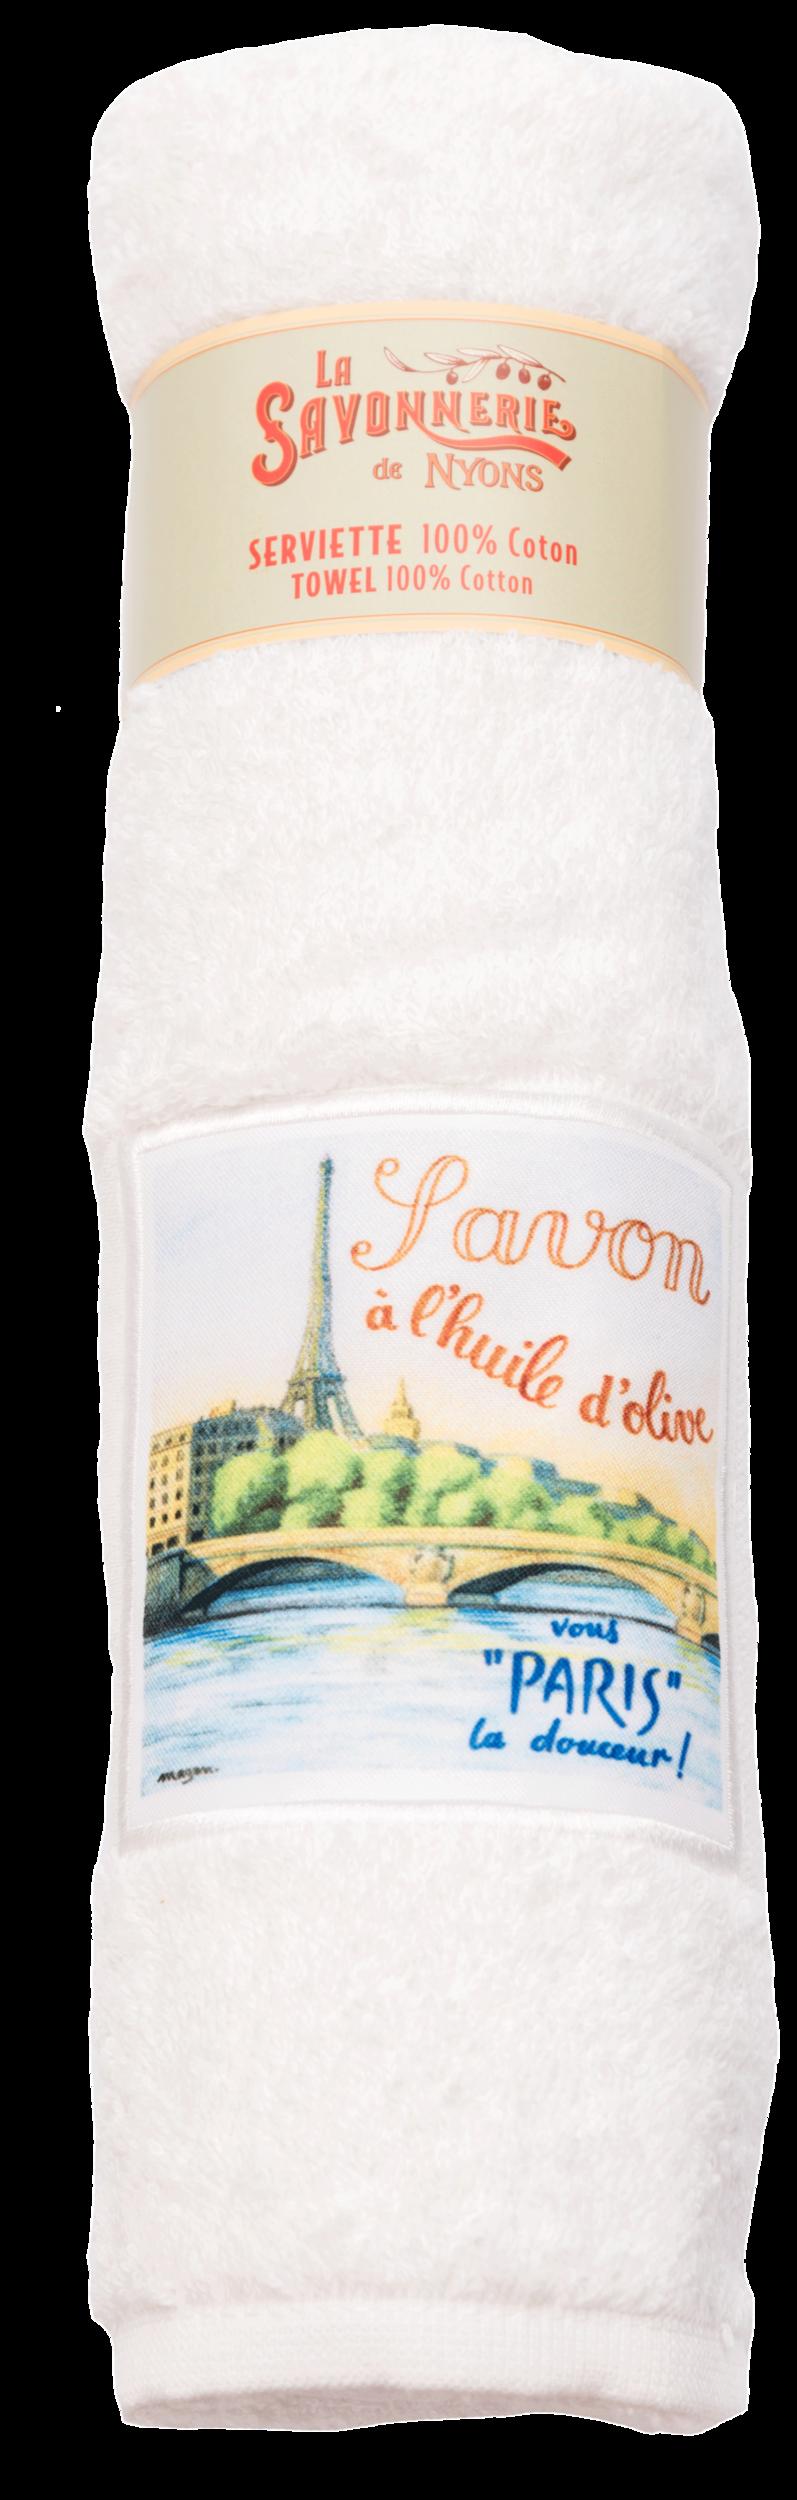 Serviette La Seine